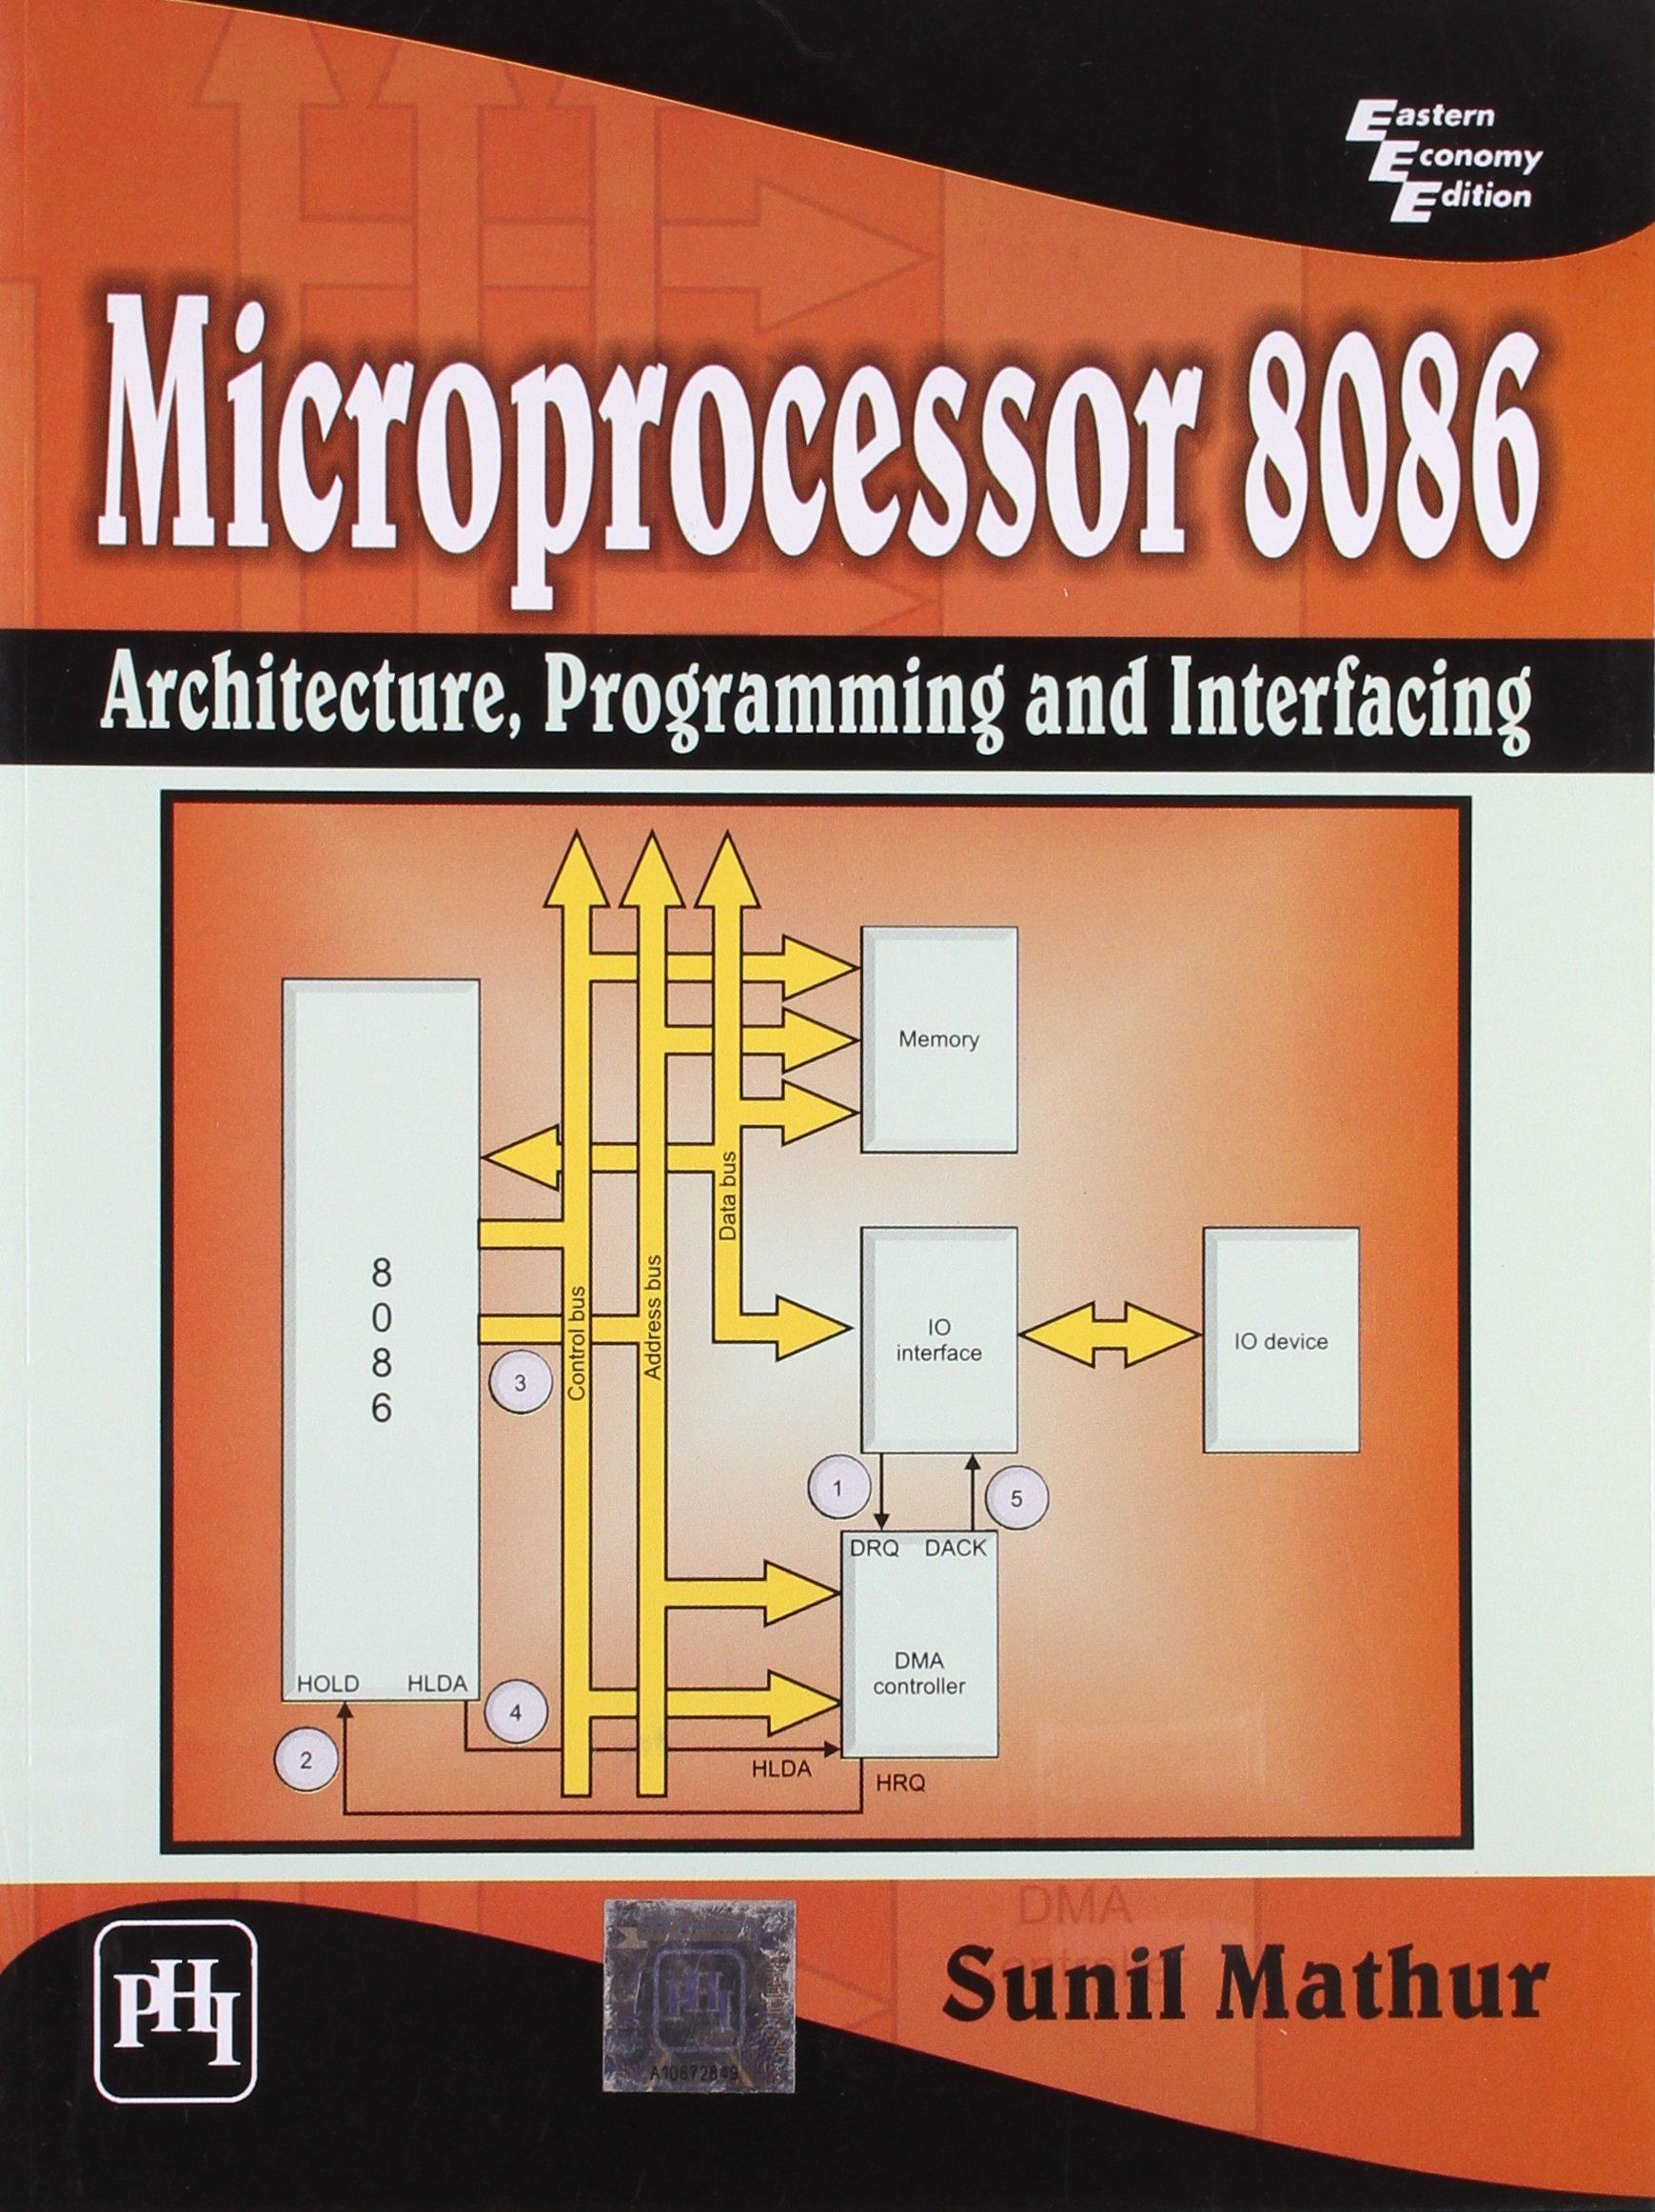 microprocessor 8086 by ramesh gaonkar pdf